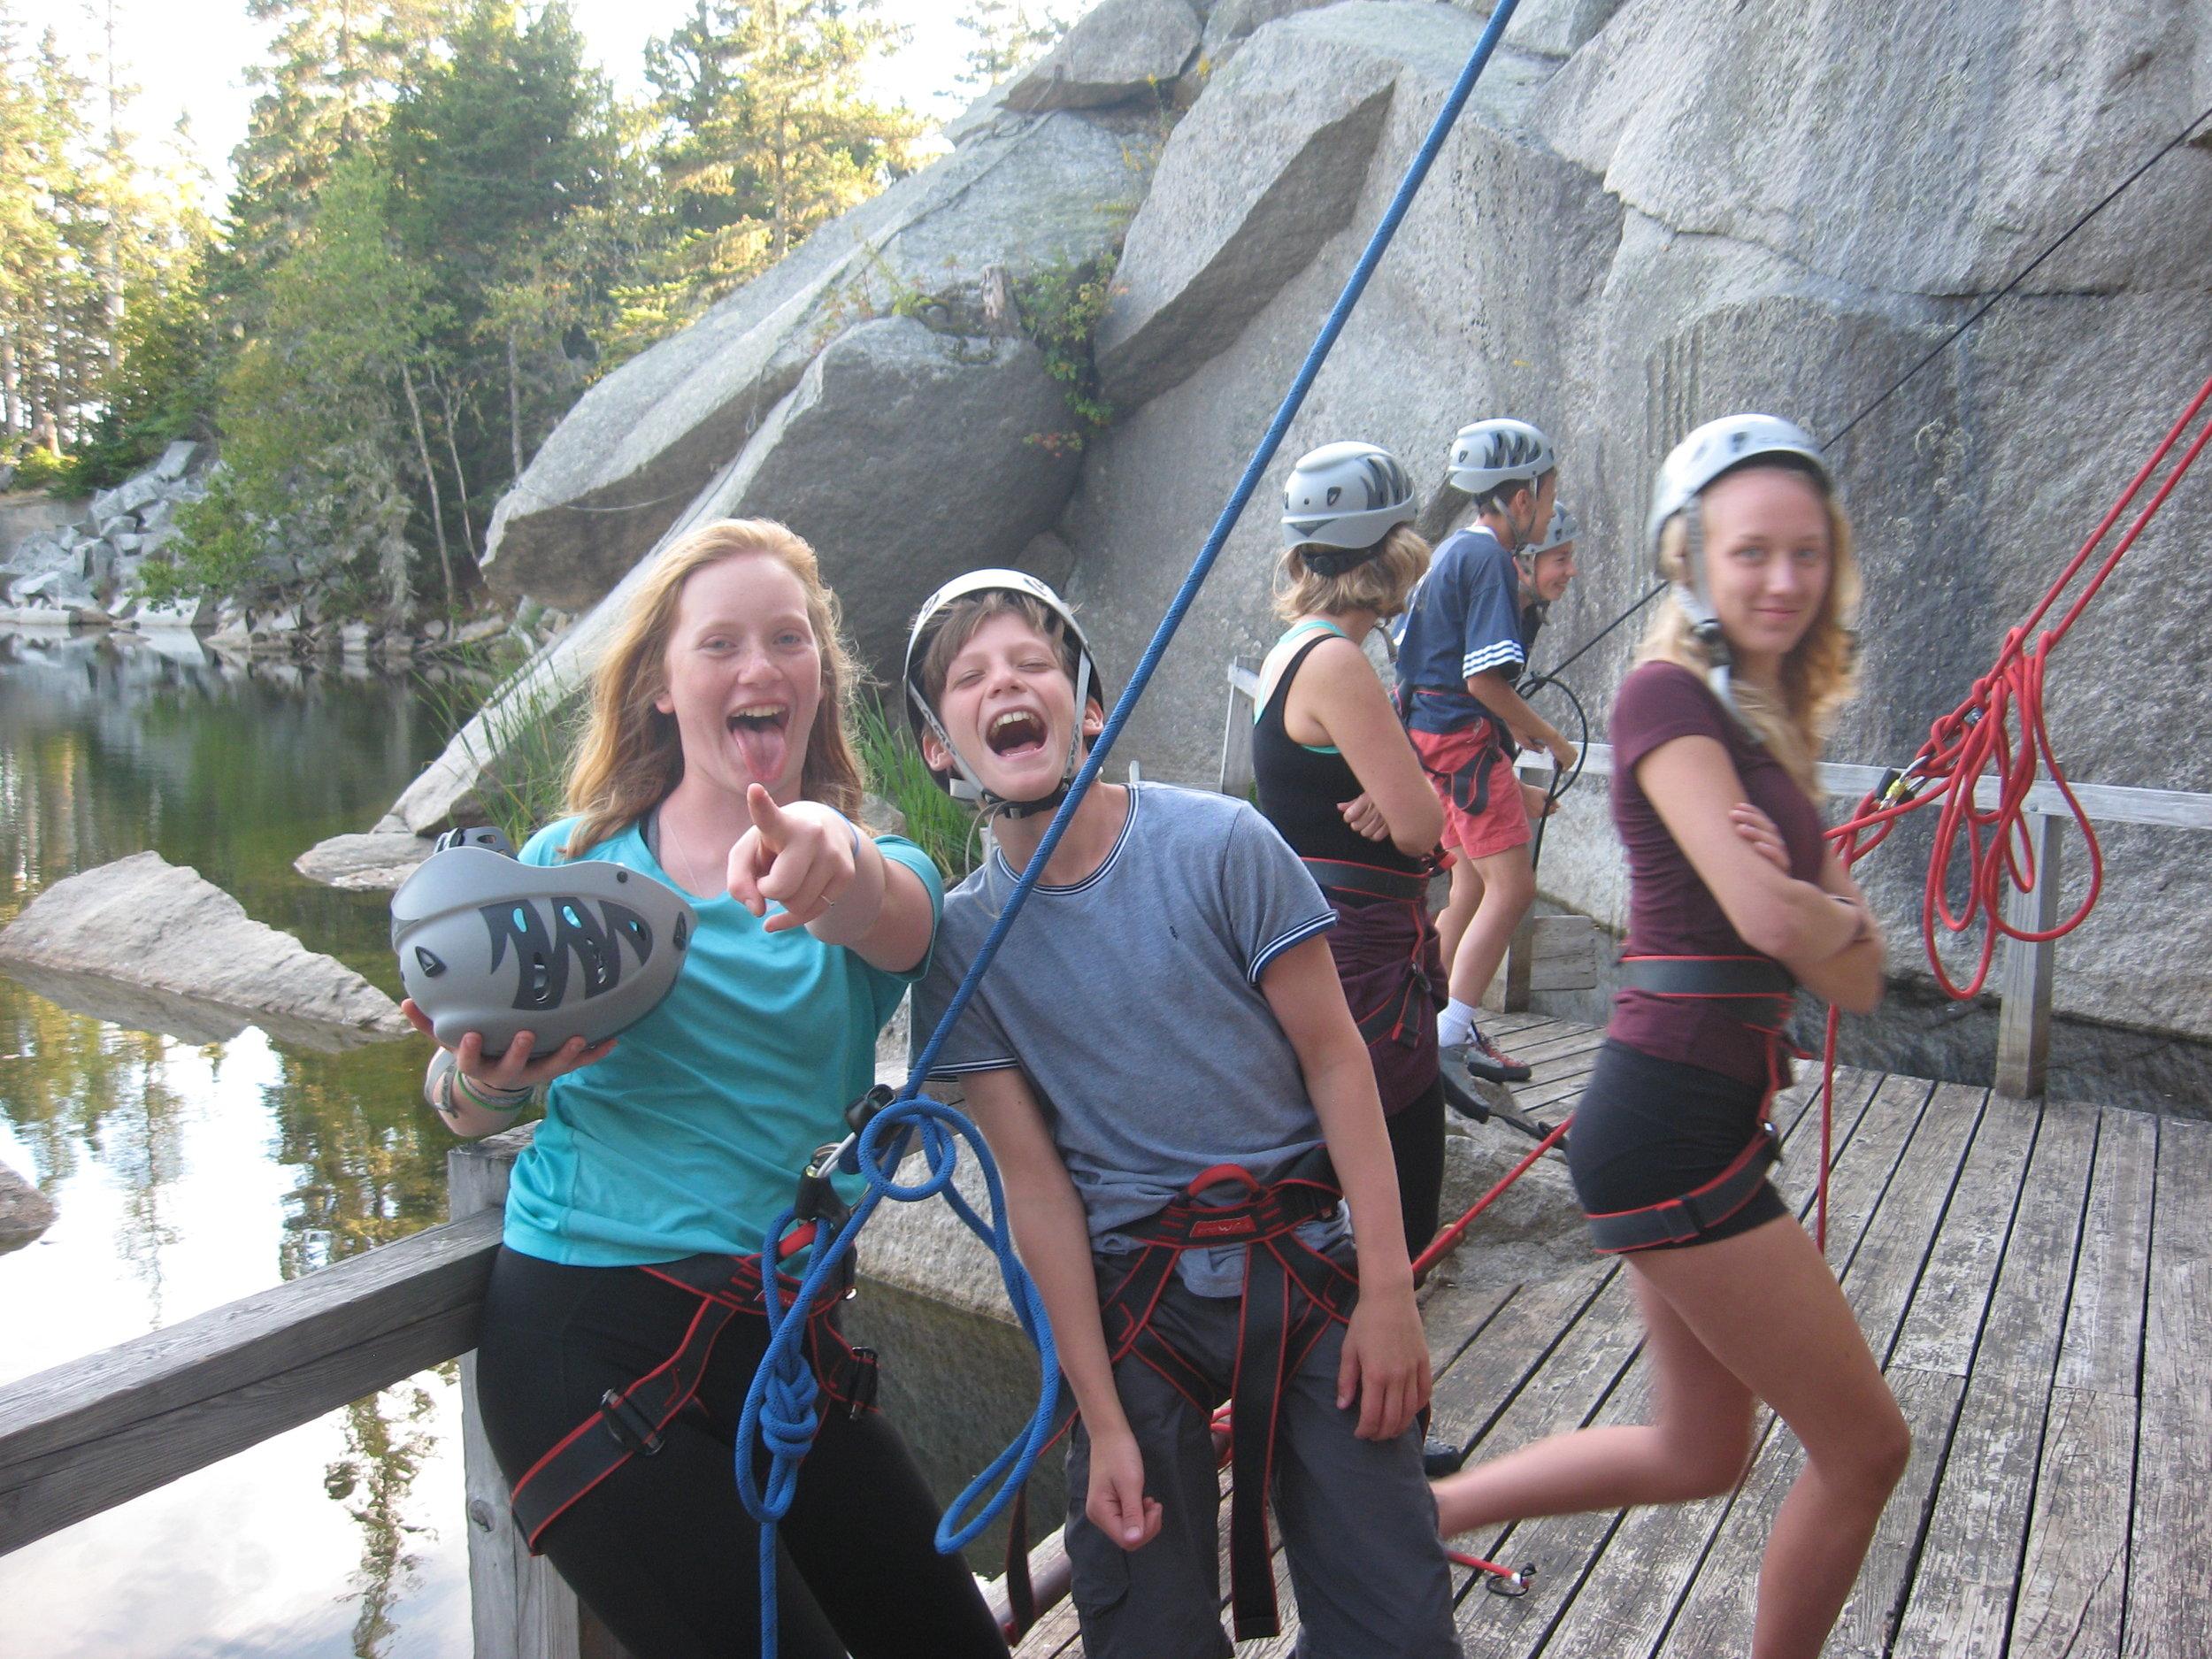 - Fun at the climbing wall!